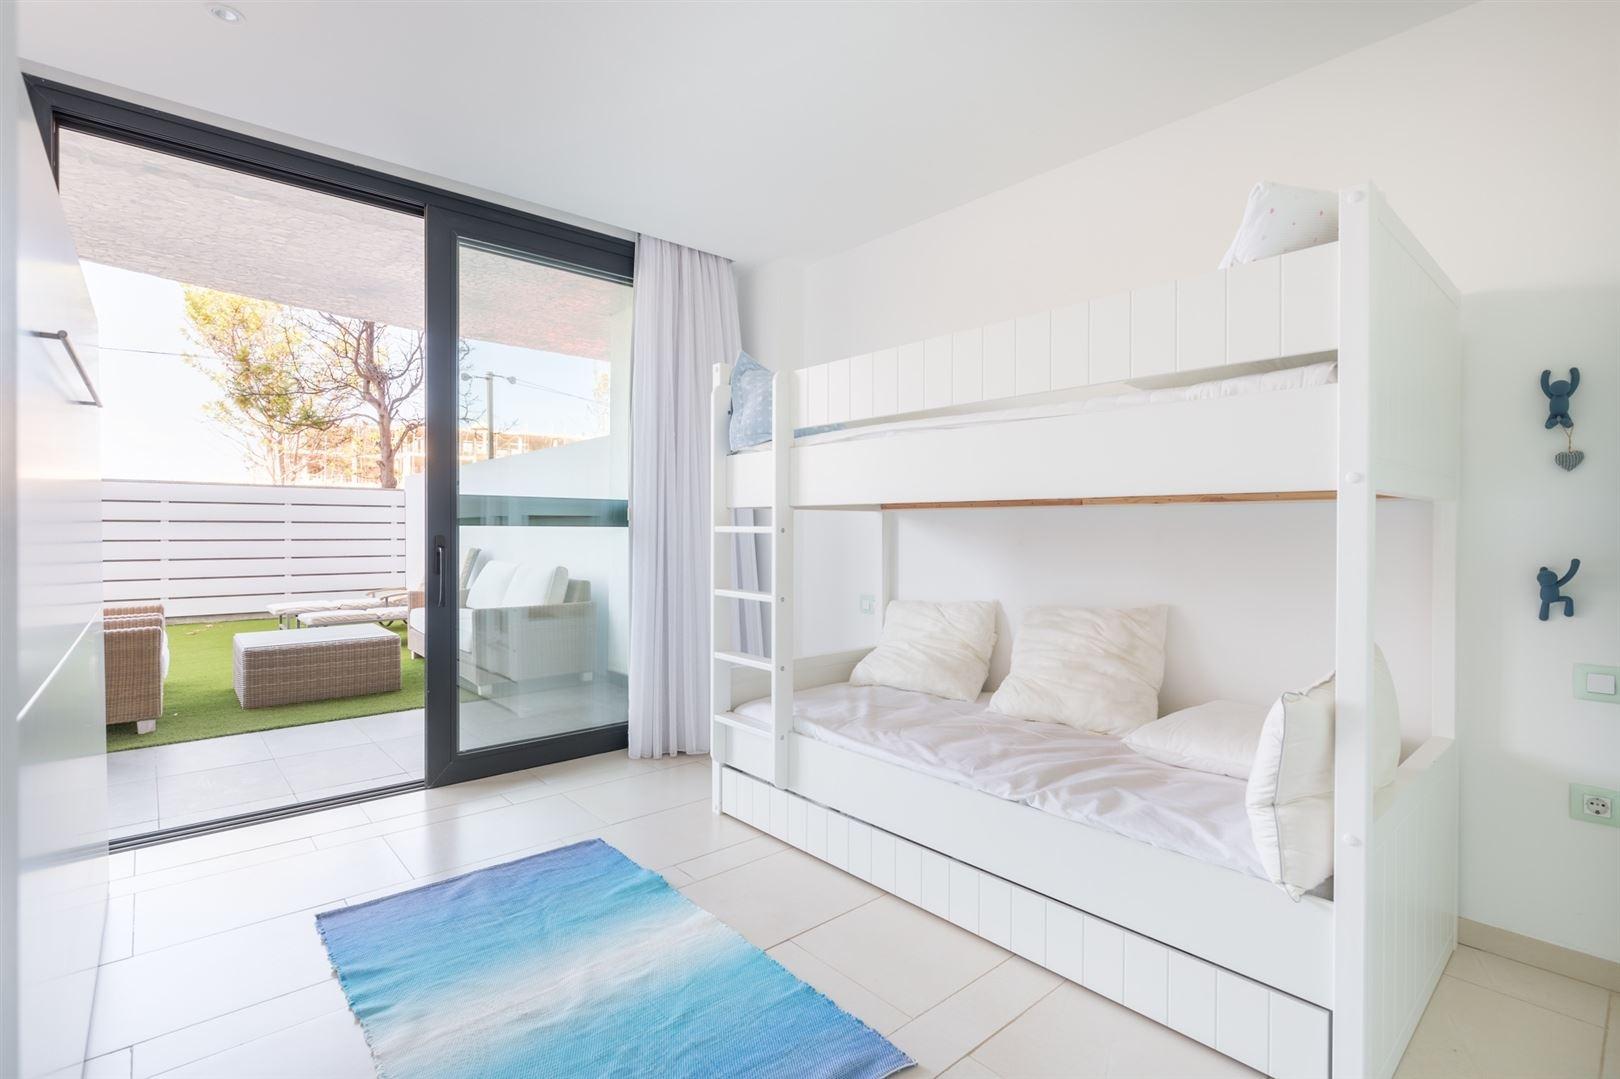 Foto 5 : Appartement te 38632 PALM MAR (Spanje) - Prijs € 325.000